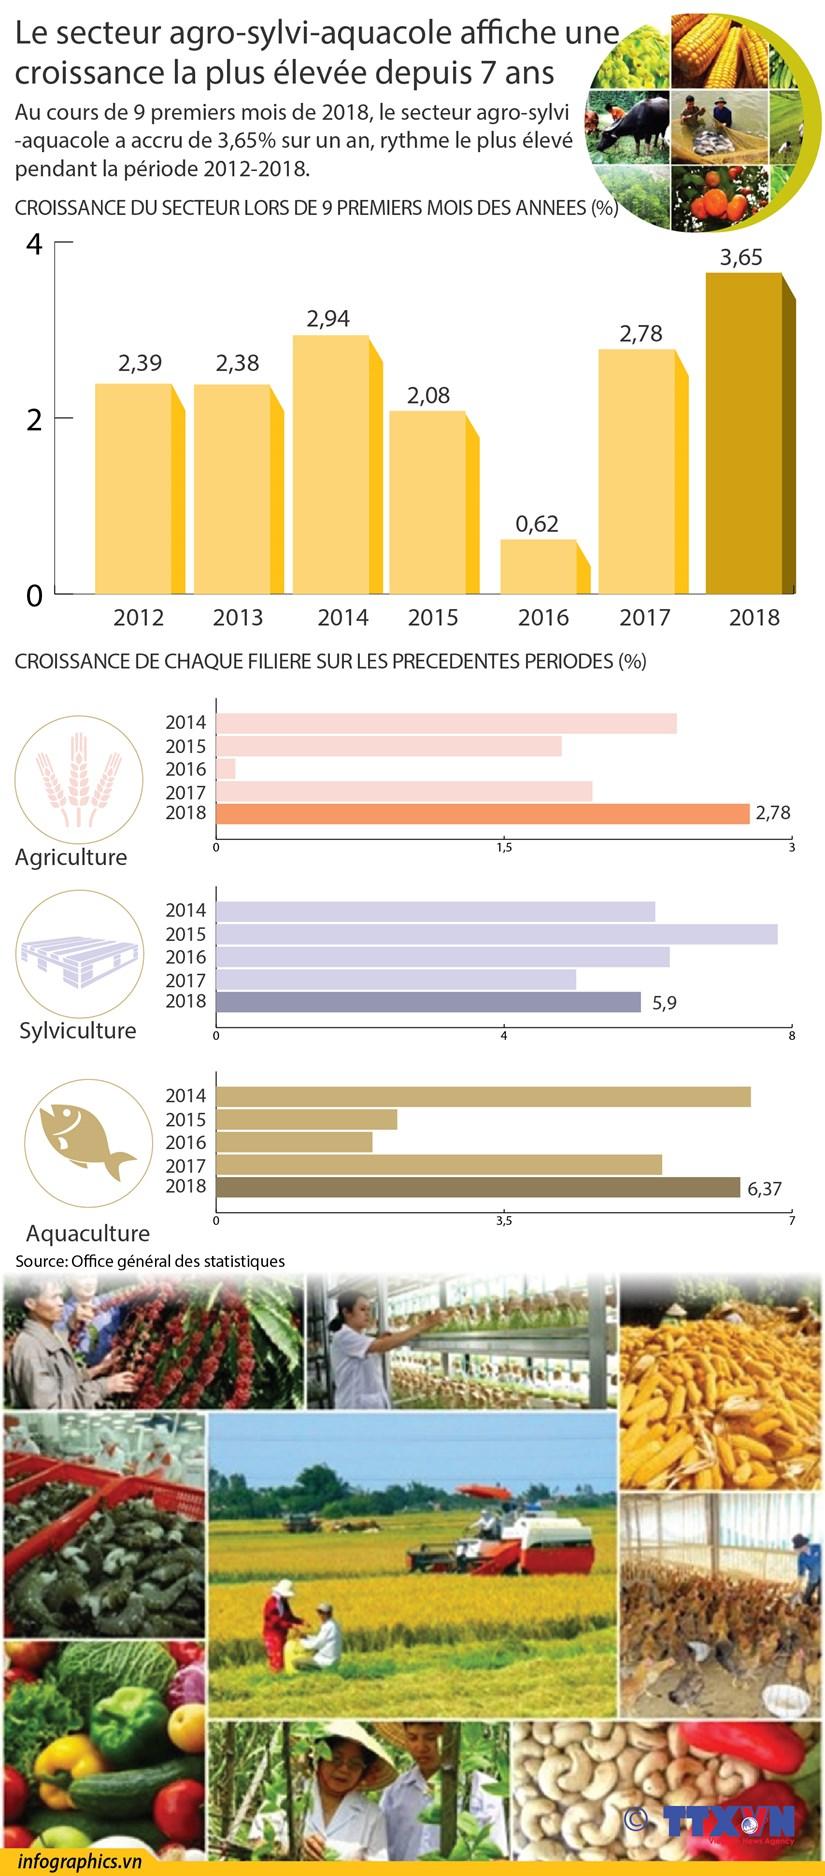 [Infographie] Le secteur agro-sylvi-aquacole affiche une croissance la plus elevee depuis 7 ans hinh anh 1